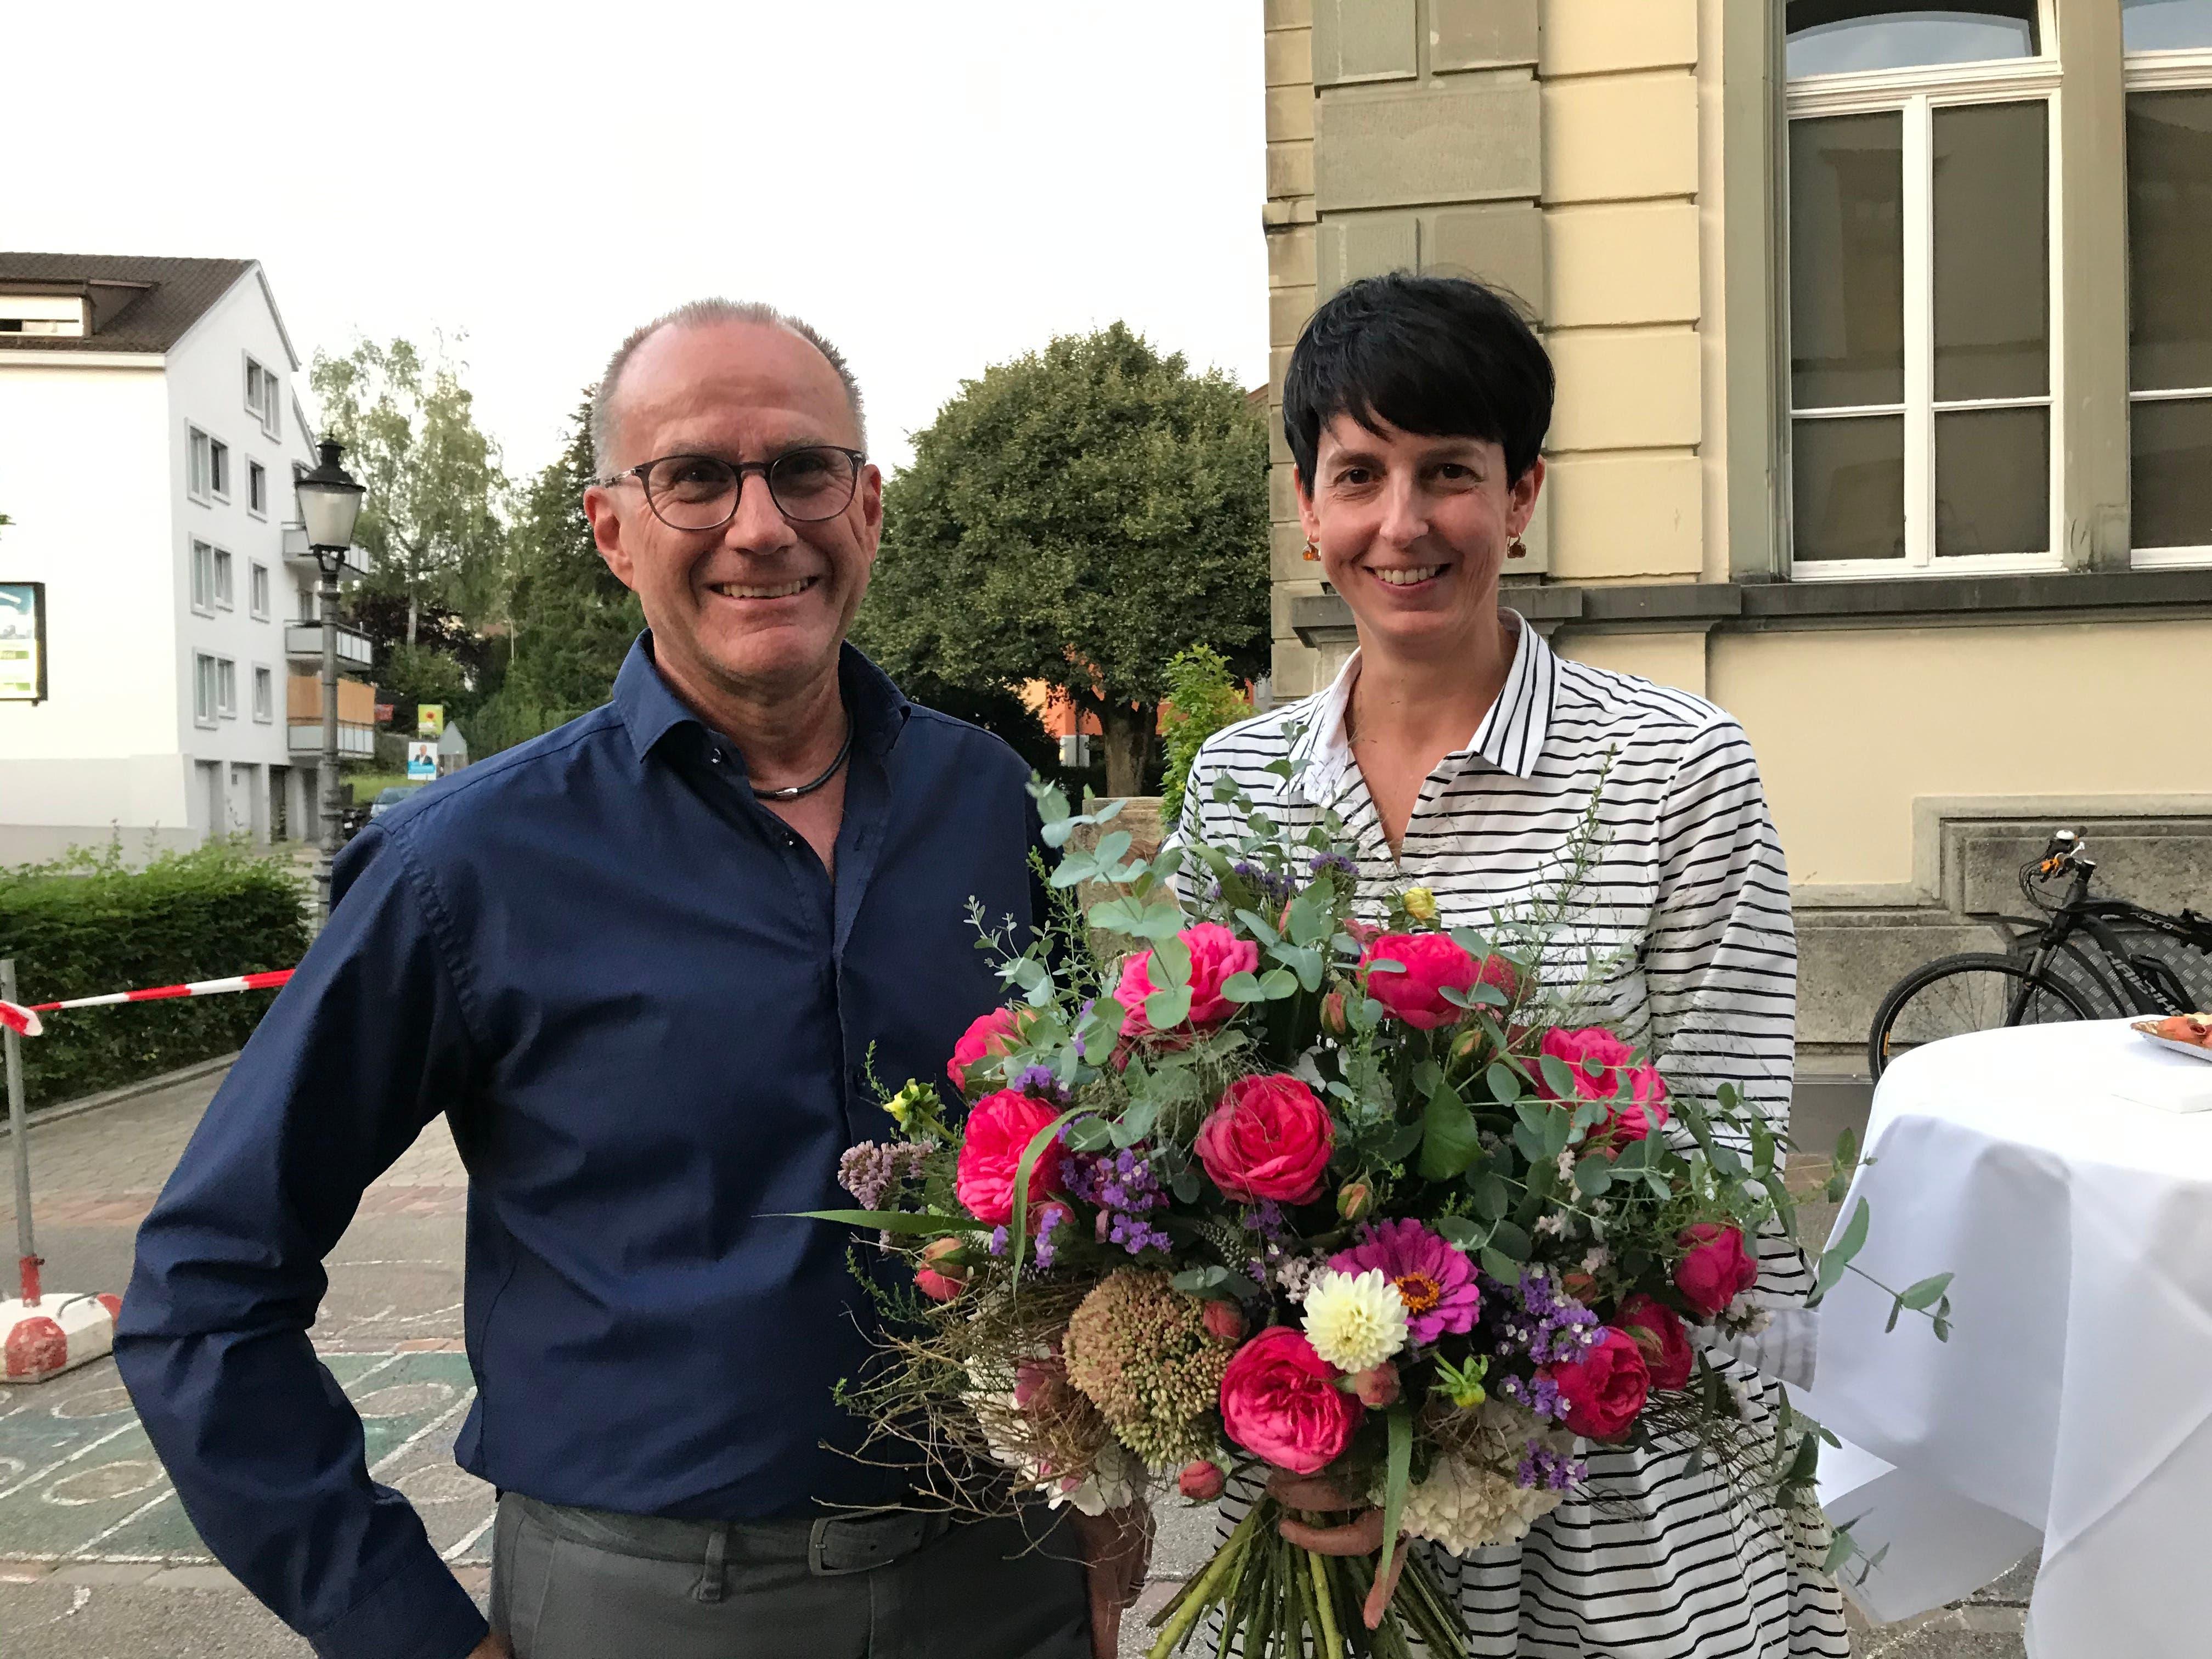 Vom Rathaus in die Pfalz: Die Wiler Stadtpräsidentin Susanne Hartmann (CVP) wurde in die Kantonsregierung gewählt. Im August wurde sie von Parlamentspräsident Roland Bosshart verabschiedet. Im zweiten Wahlgang Ende November setzte sich schliesslich ihr Parteikollege Hans Mäder im Rennen um ihre Nachfolge durch.